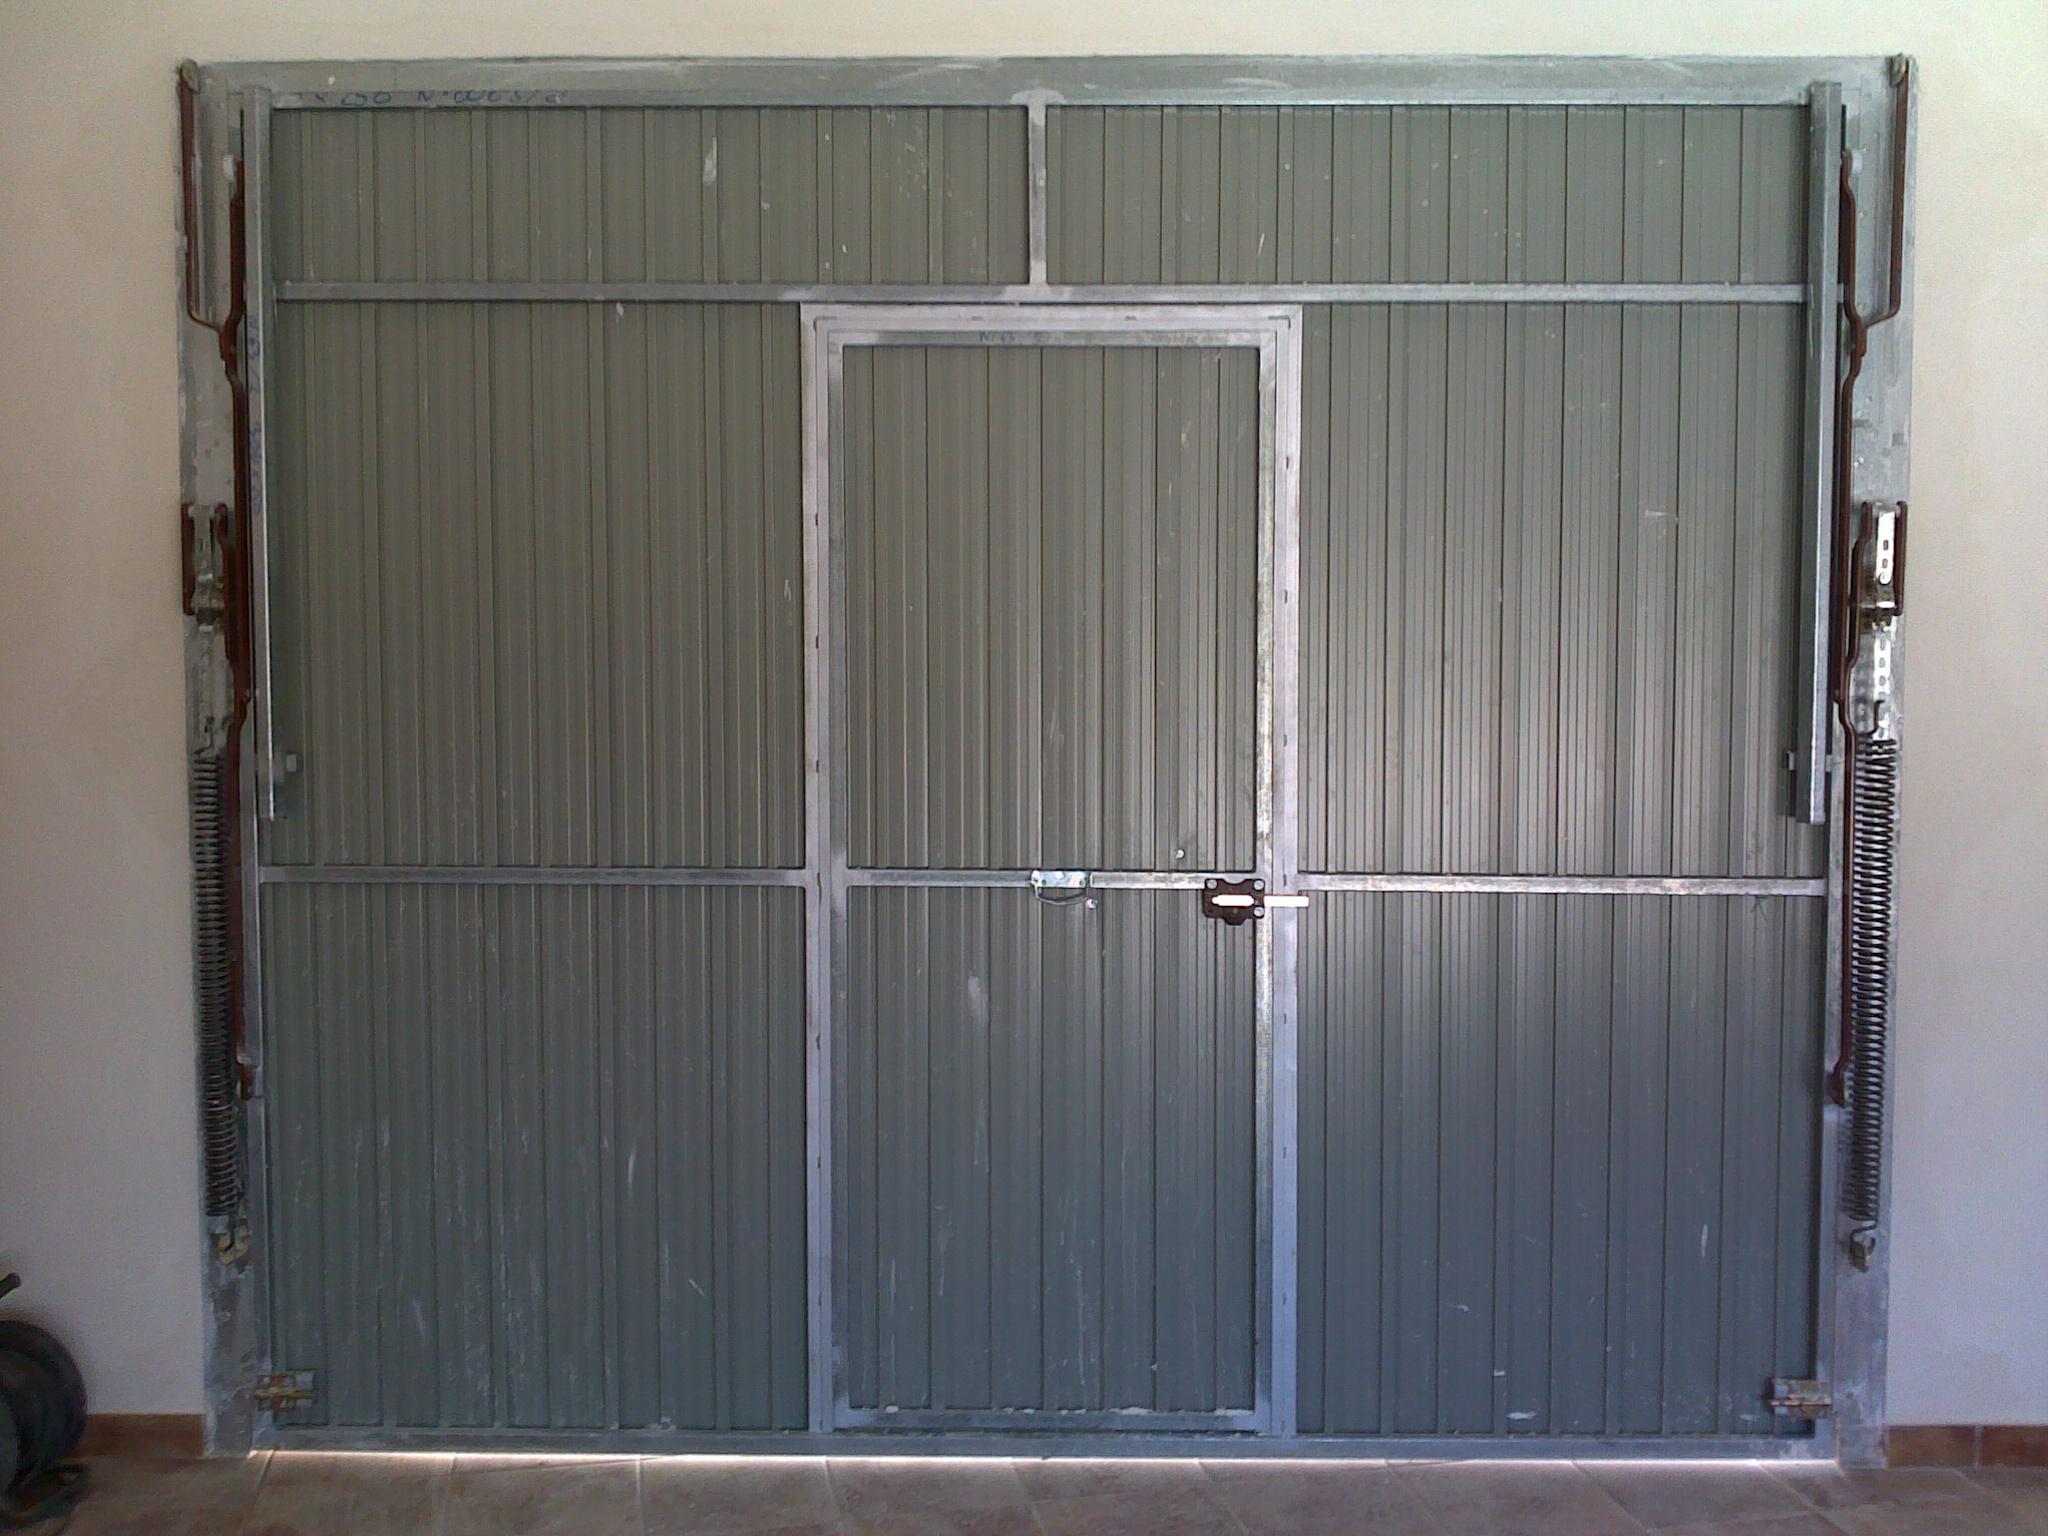 Puertas de chapa galvanizada puerta para stano bodega - Puerta chapa galvanizada ...